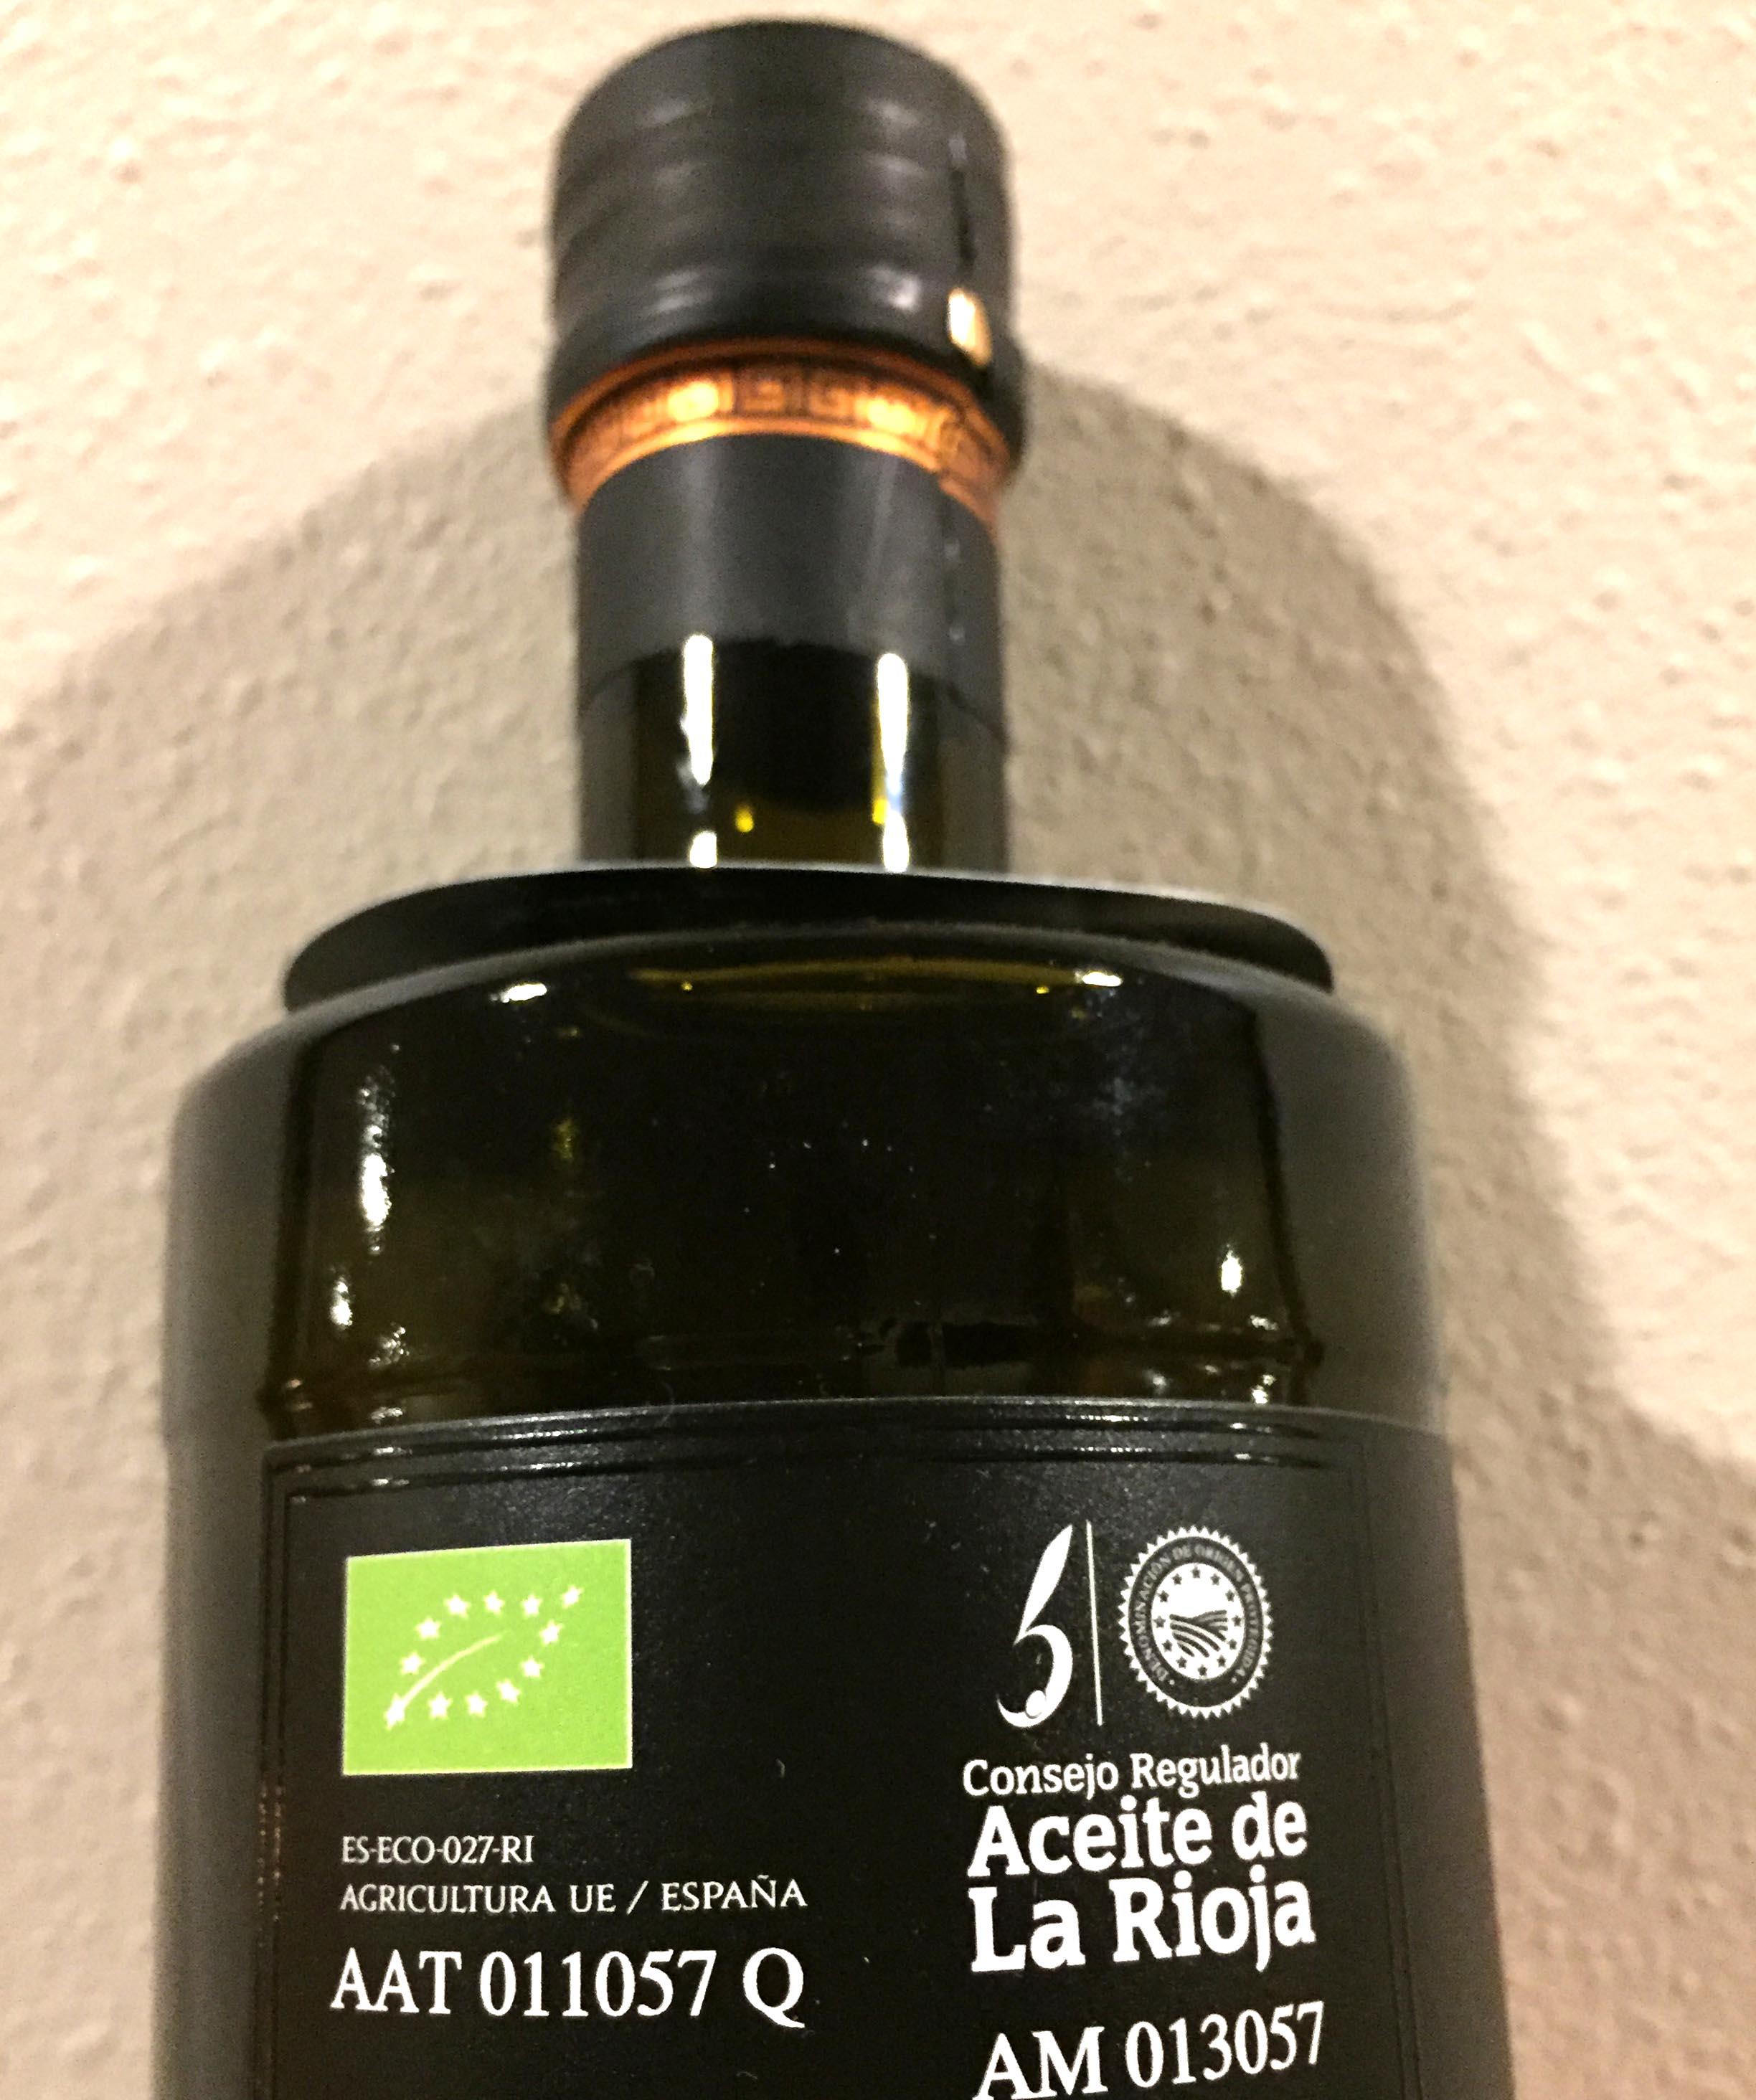 酸度0.1のオーガニックエクストラバージンオリーブオイル『イスール』にあるマーク